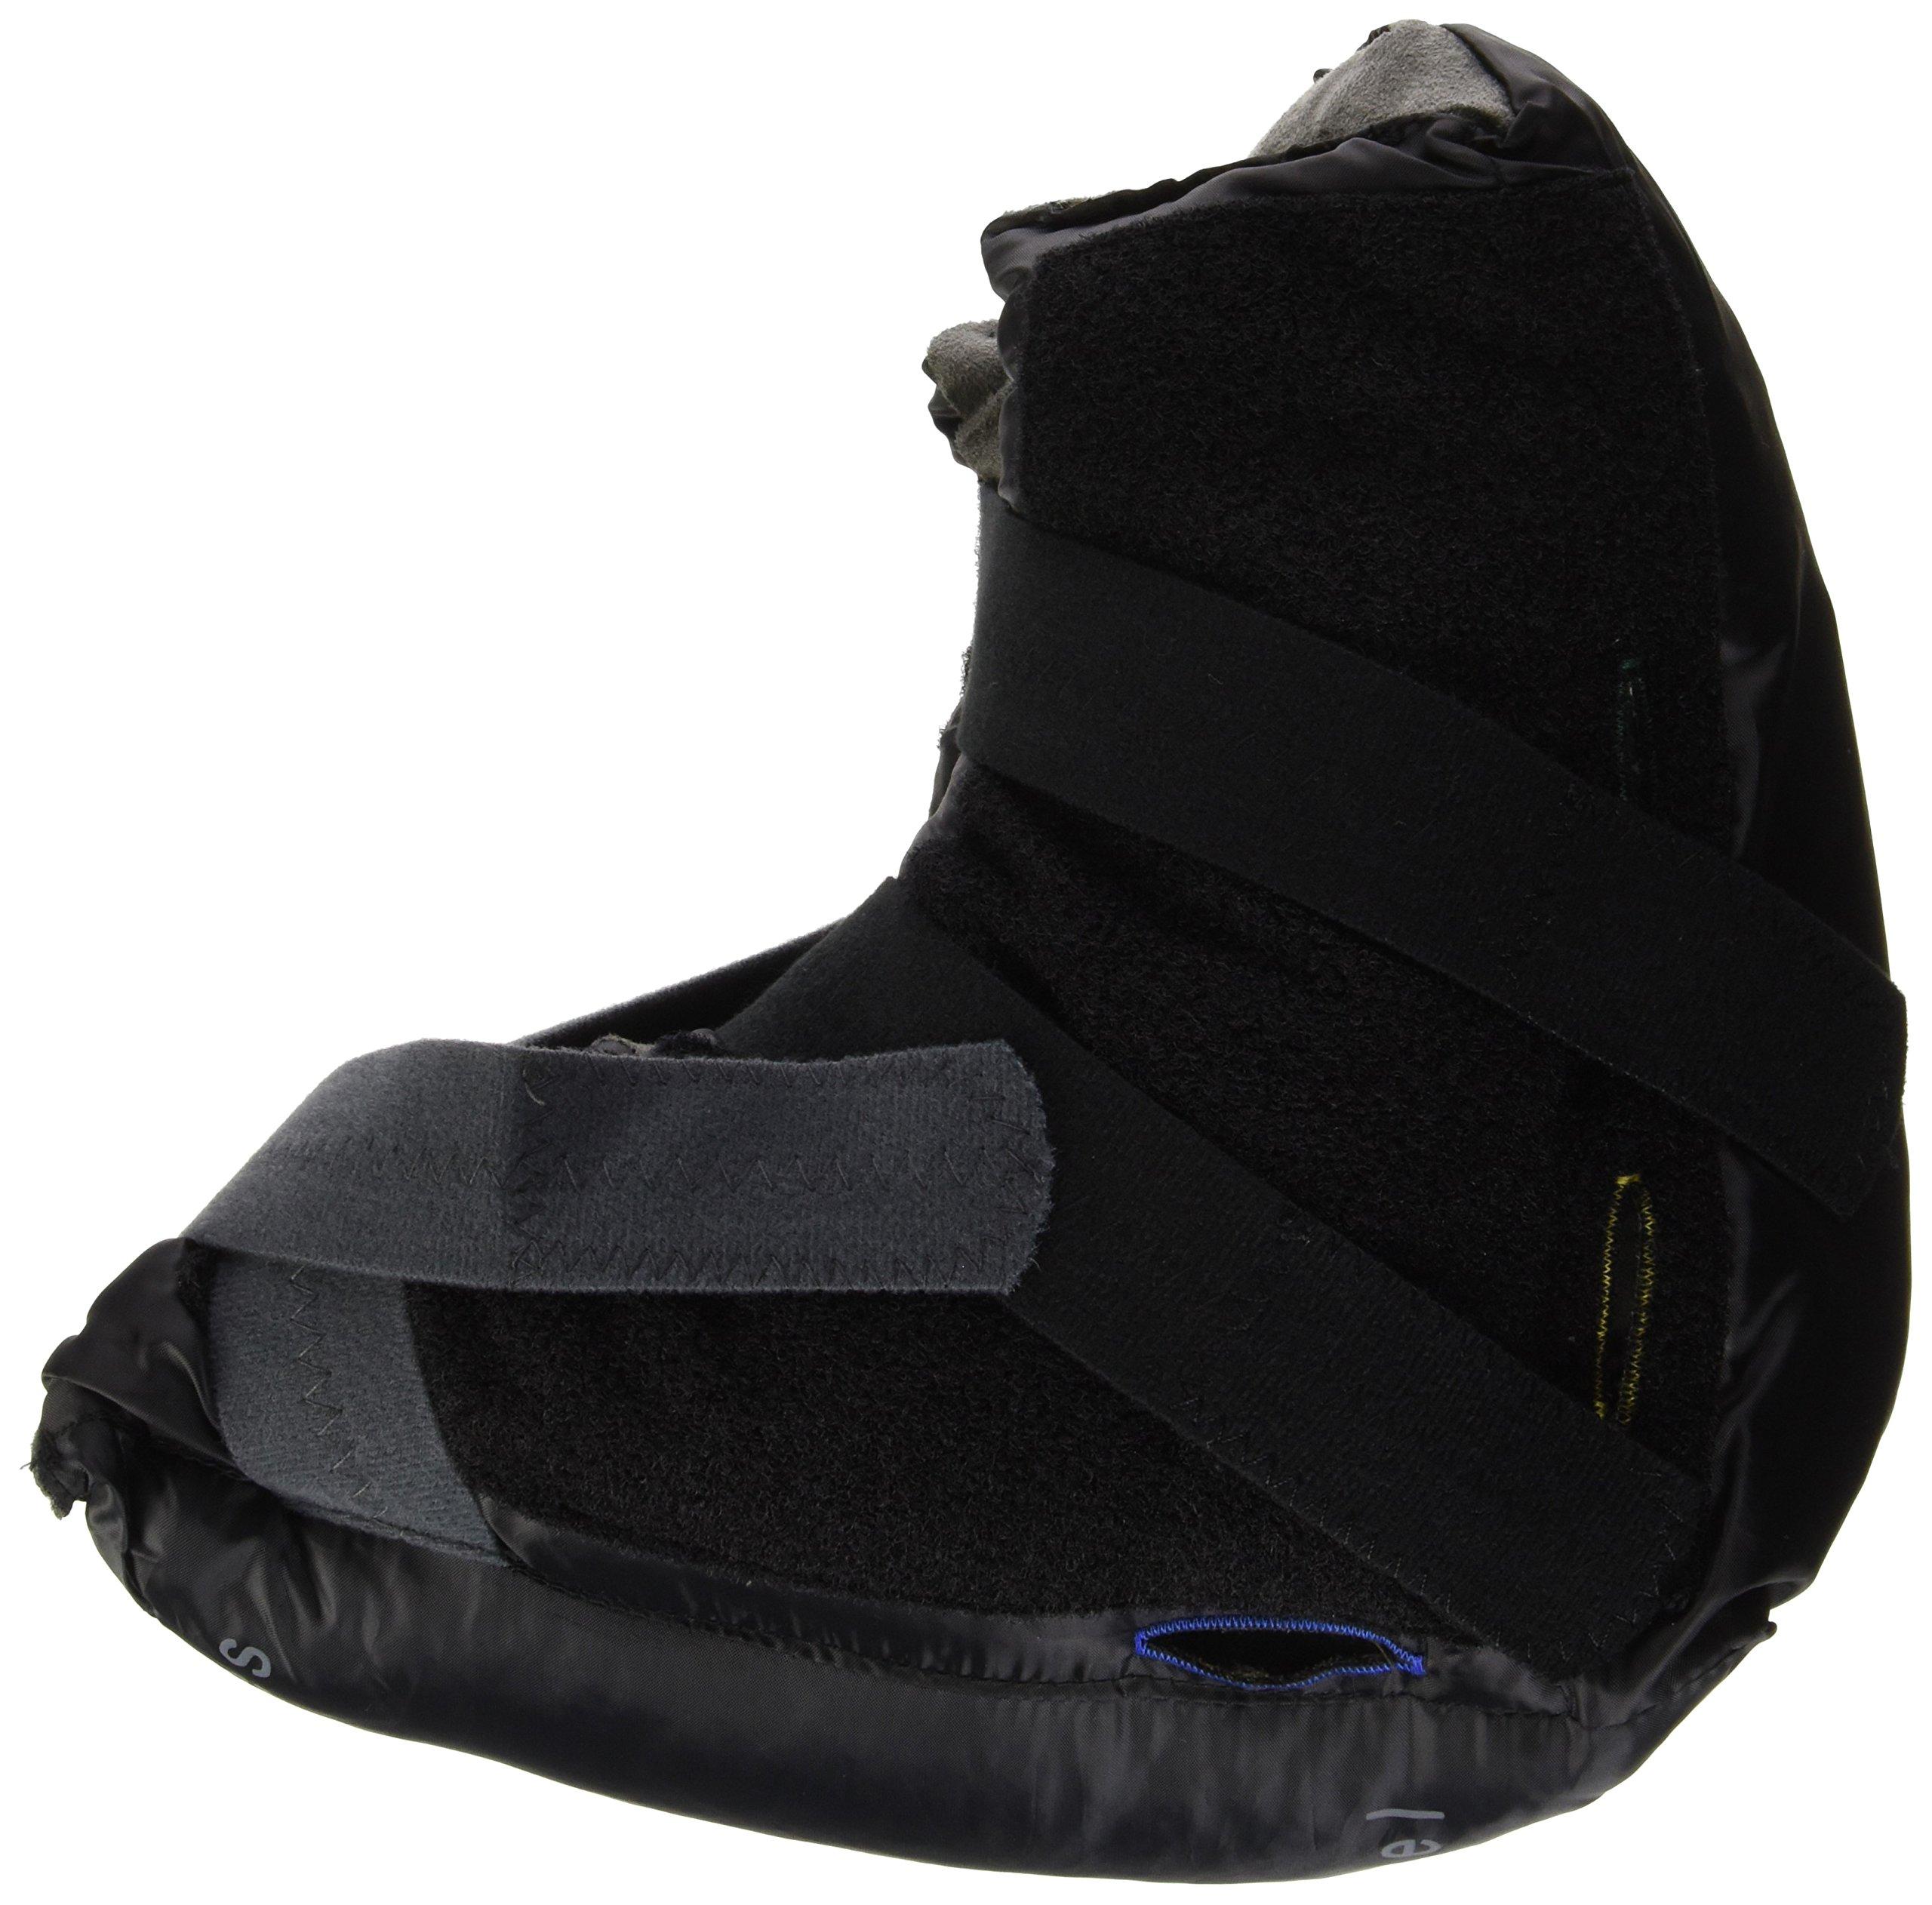 Medline MDT823330P HEELMEDIX Heel Protector, Petite